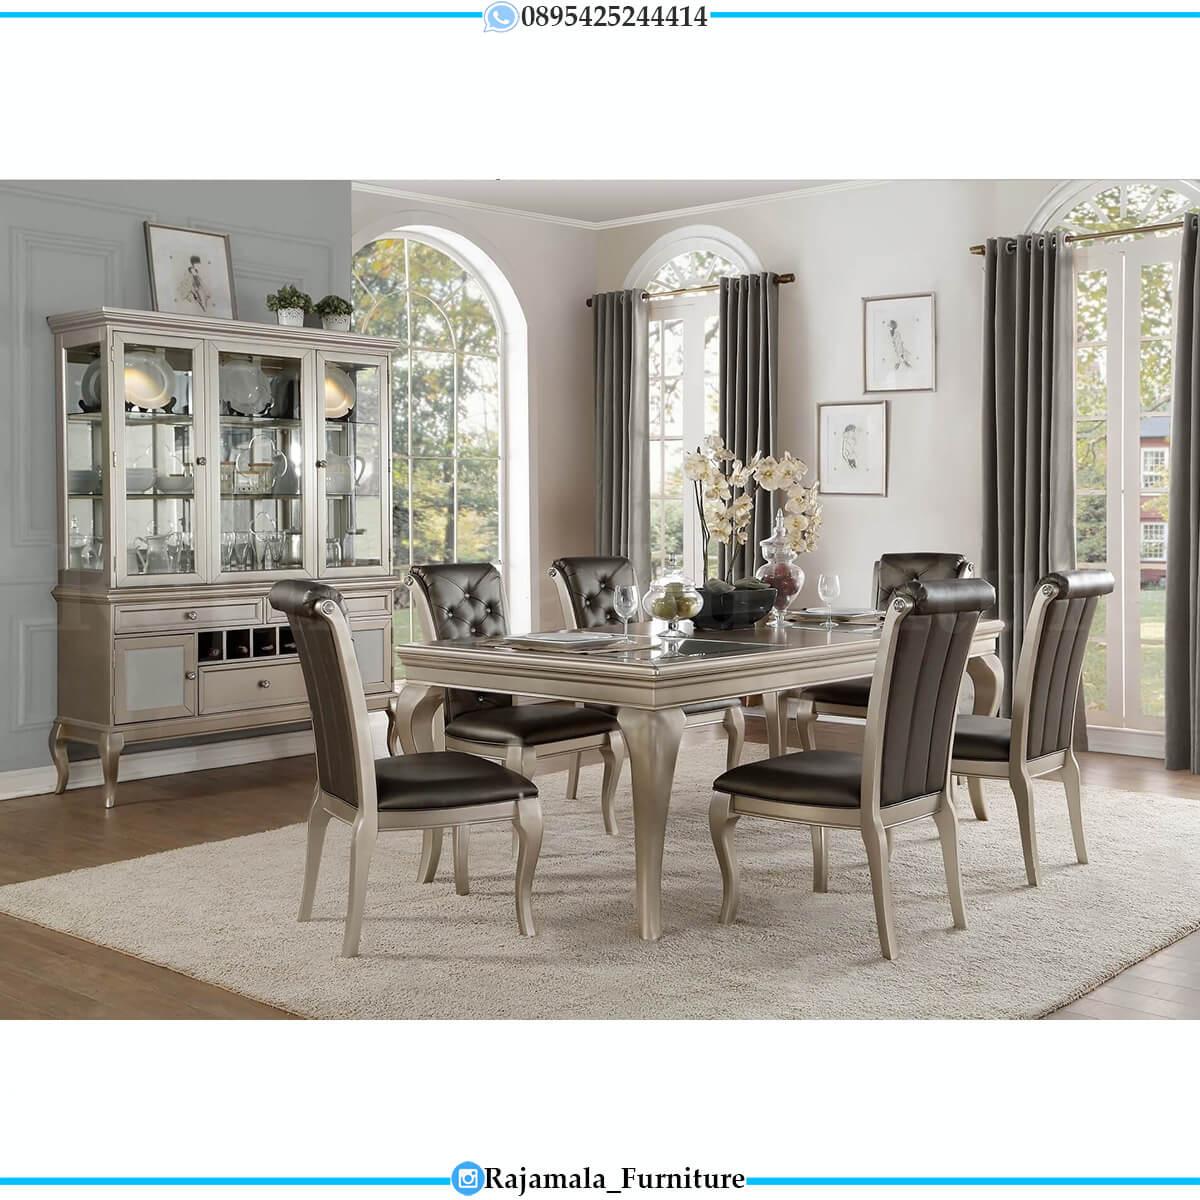 Jual Meja Makan Minimalis Terbaru Elegant Style Furniture Jepara RM-0722